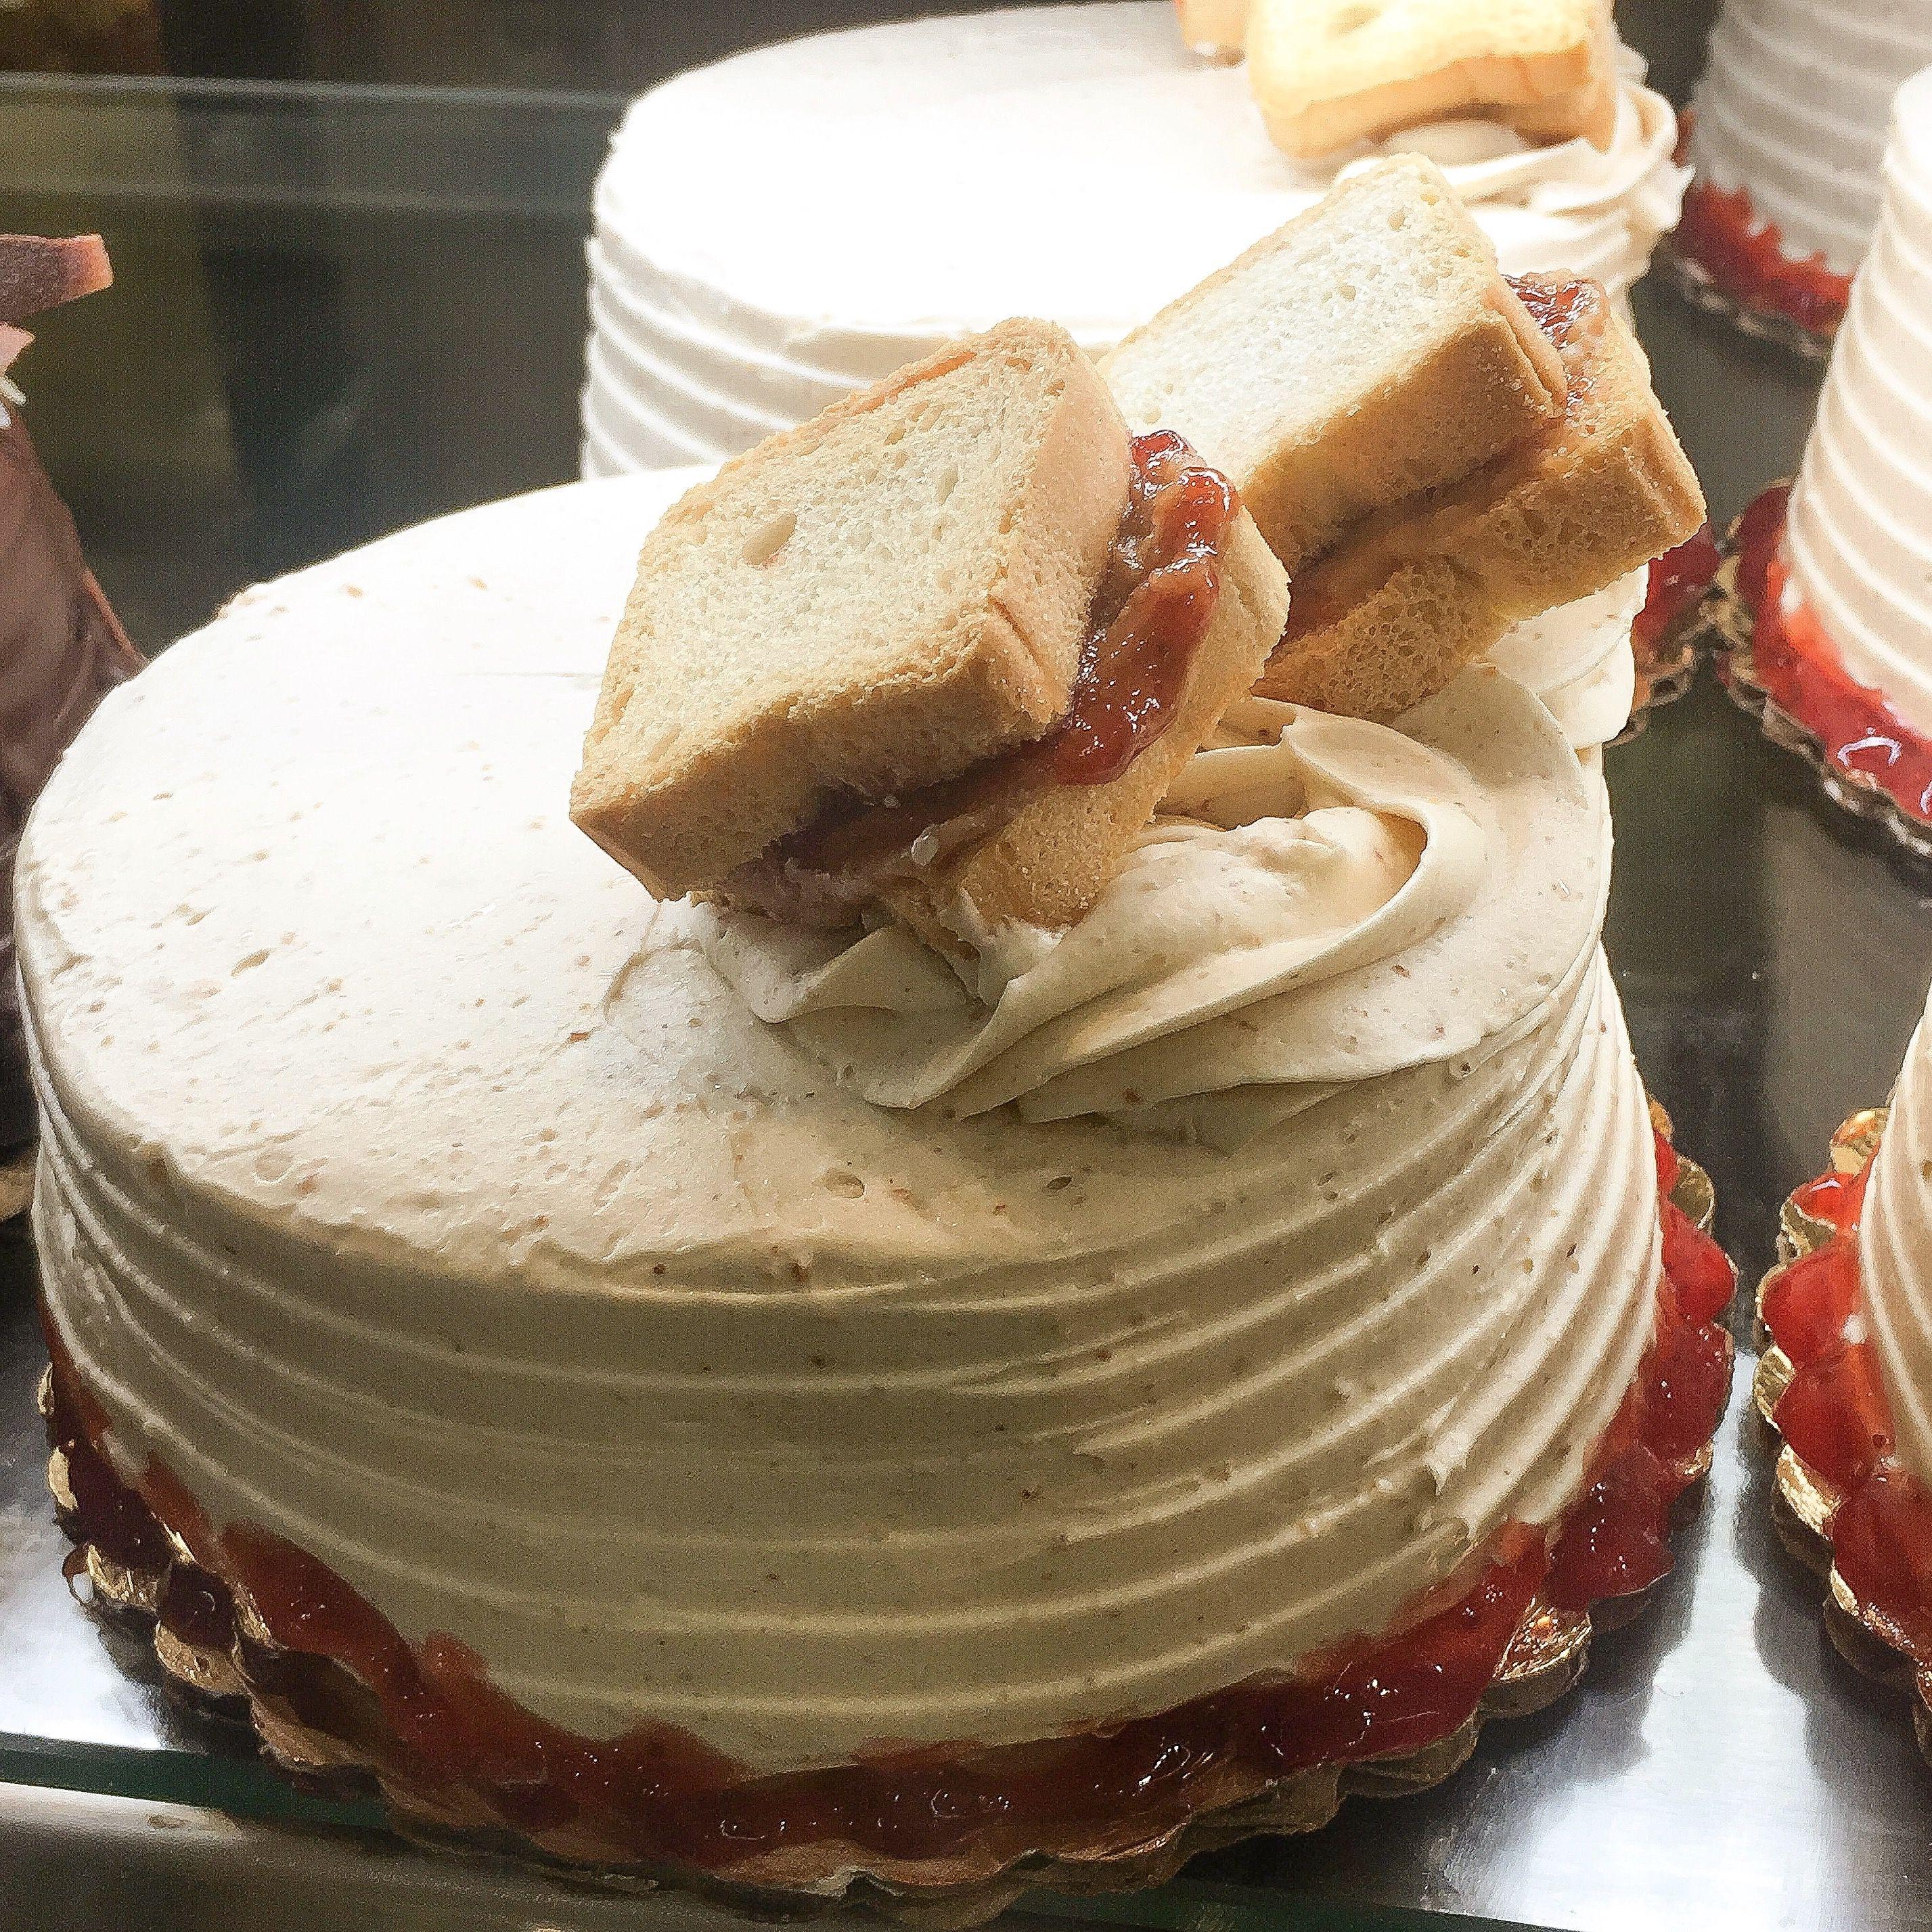 Peanut butter jelly cake peanut butter jelly jelly cake